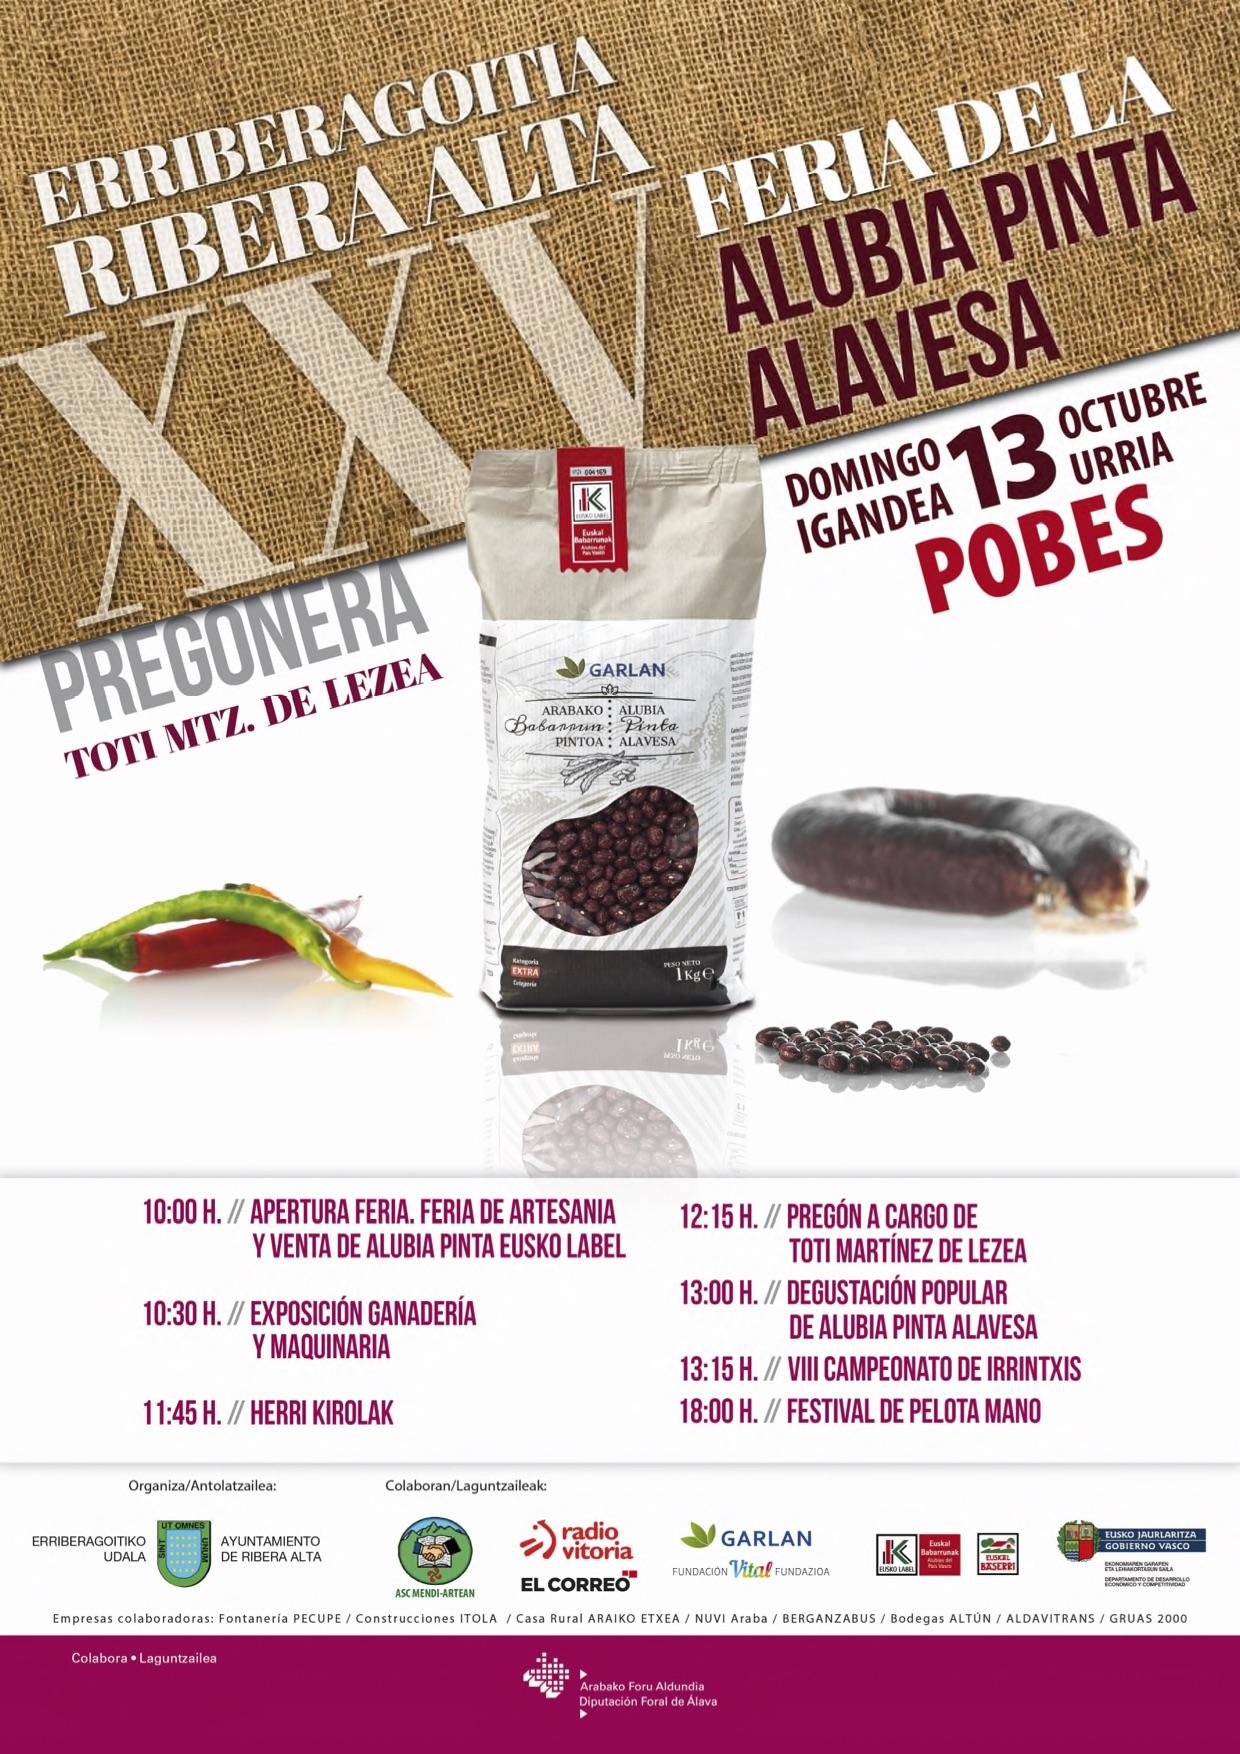 XXV Feria de la Alubia Pinta Alavesa en Pobes (13 de octubre)